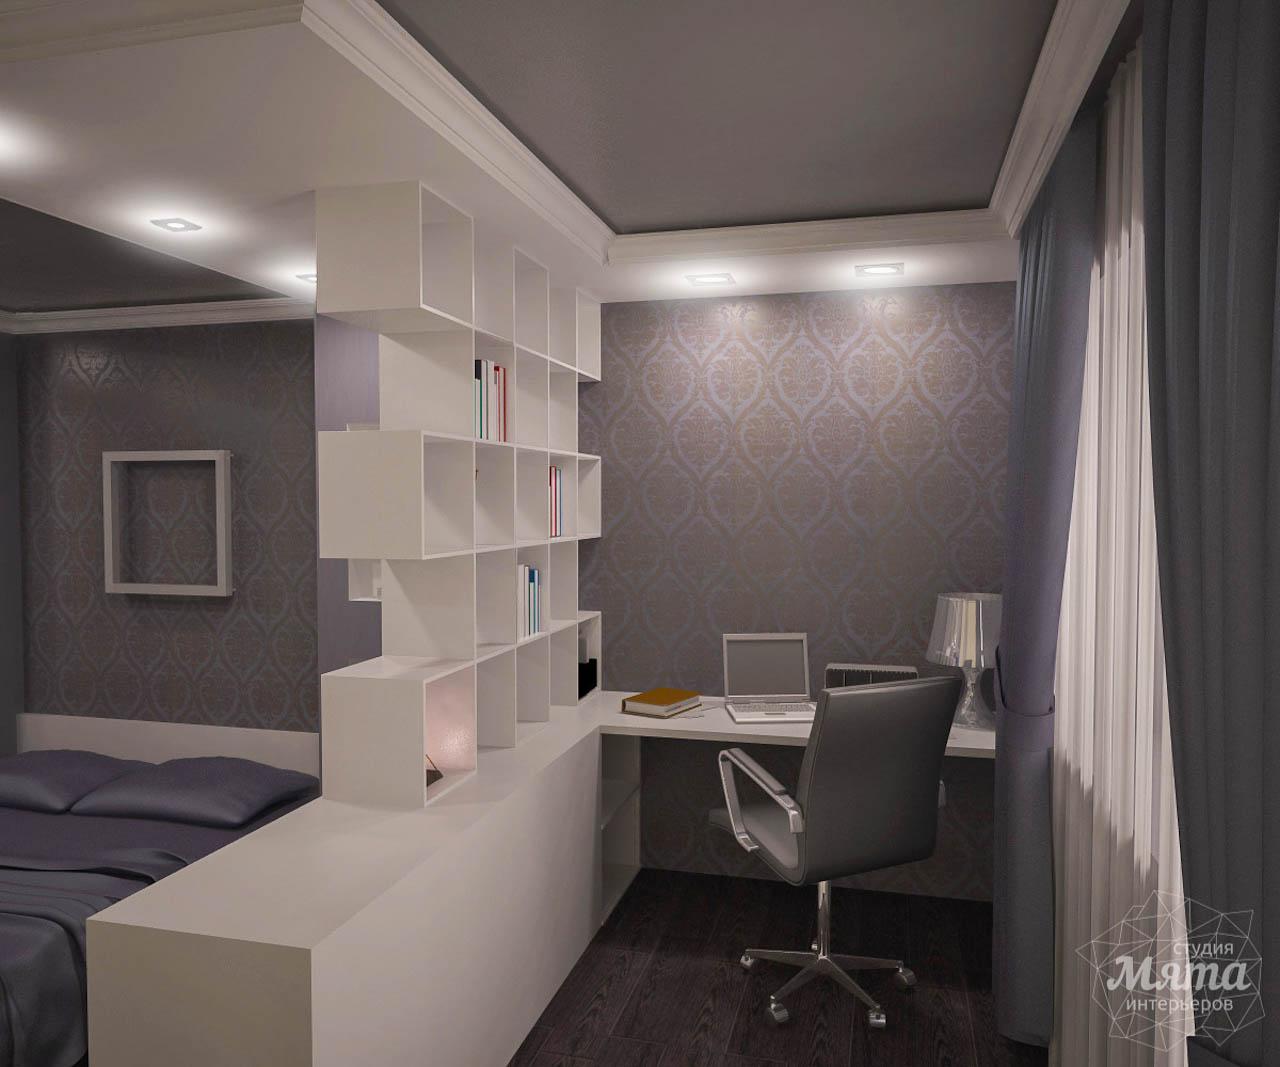 Дизайн интерьера однокомнатной квартиры по ул. Посадская 34 img705324371